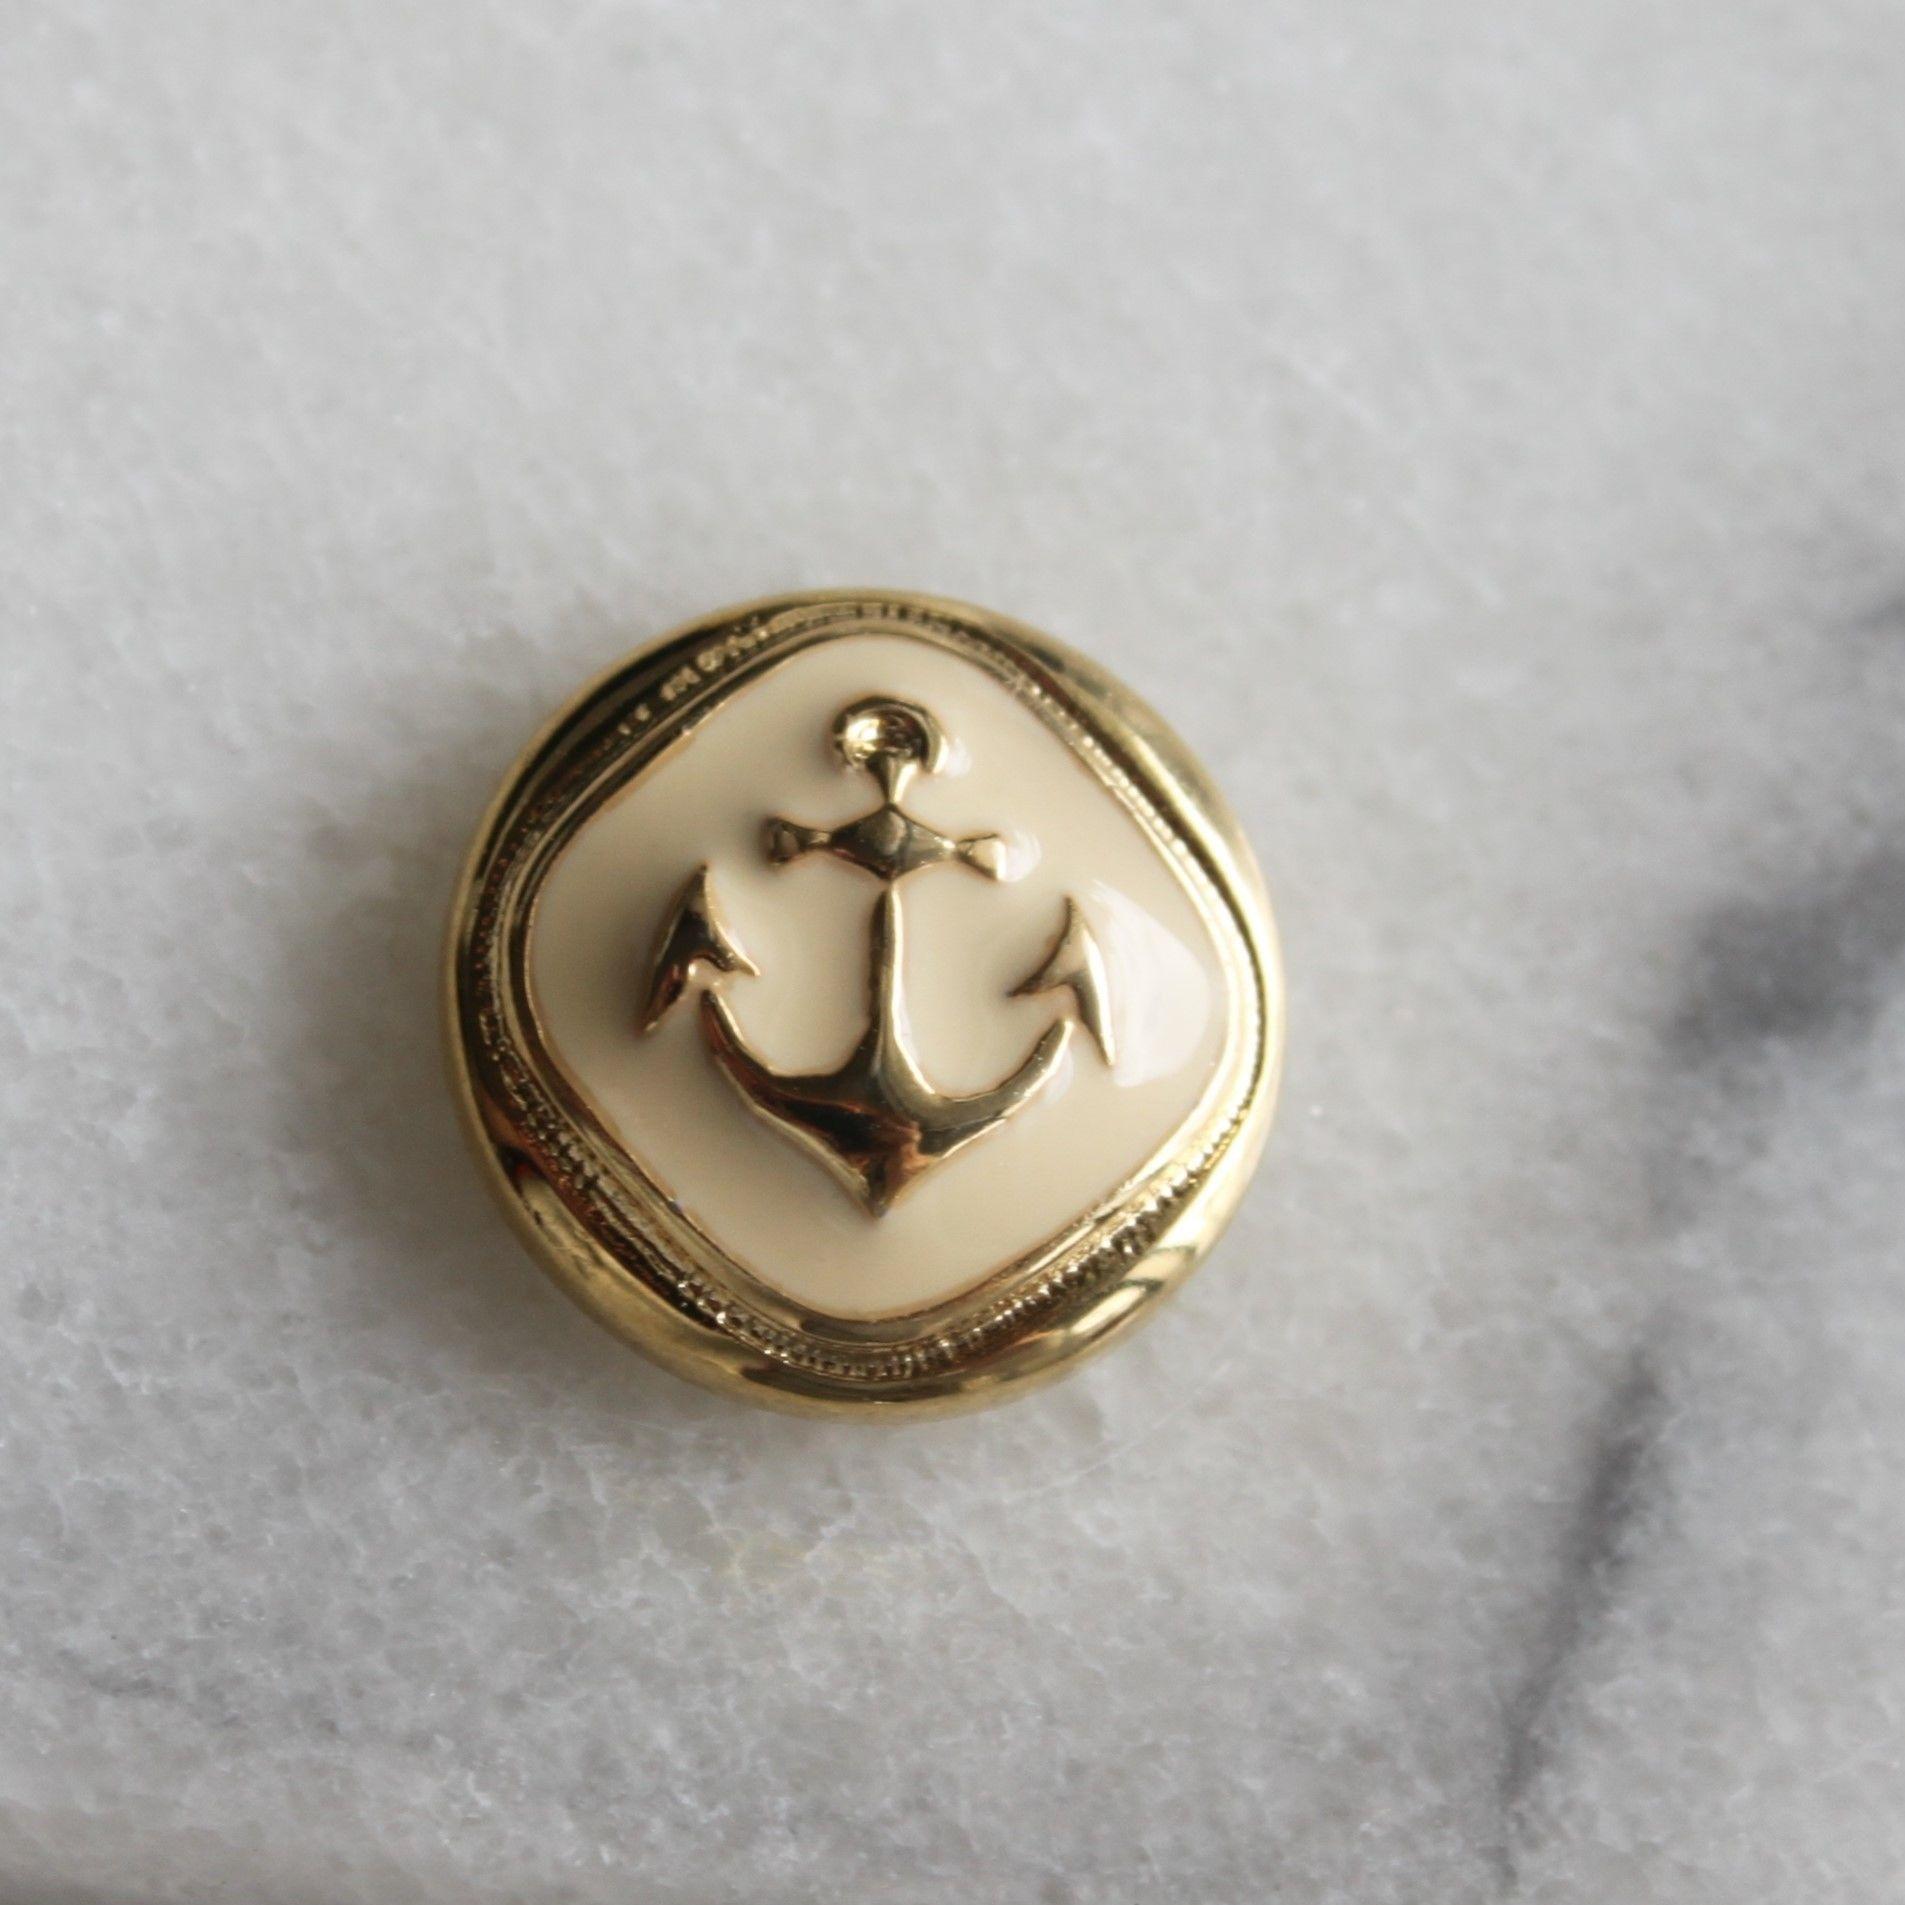 フランス現代ボタン イカリ柄クリーム一つ穴ボタン 15㎜